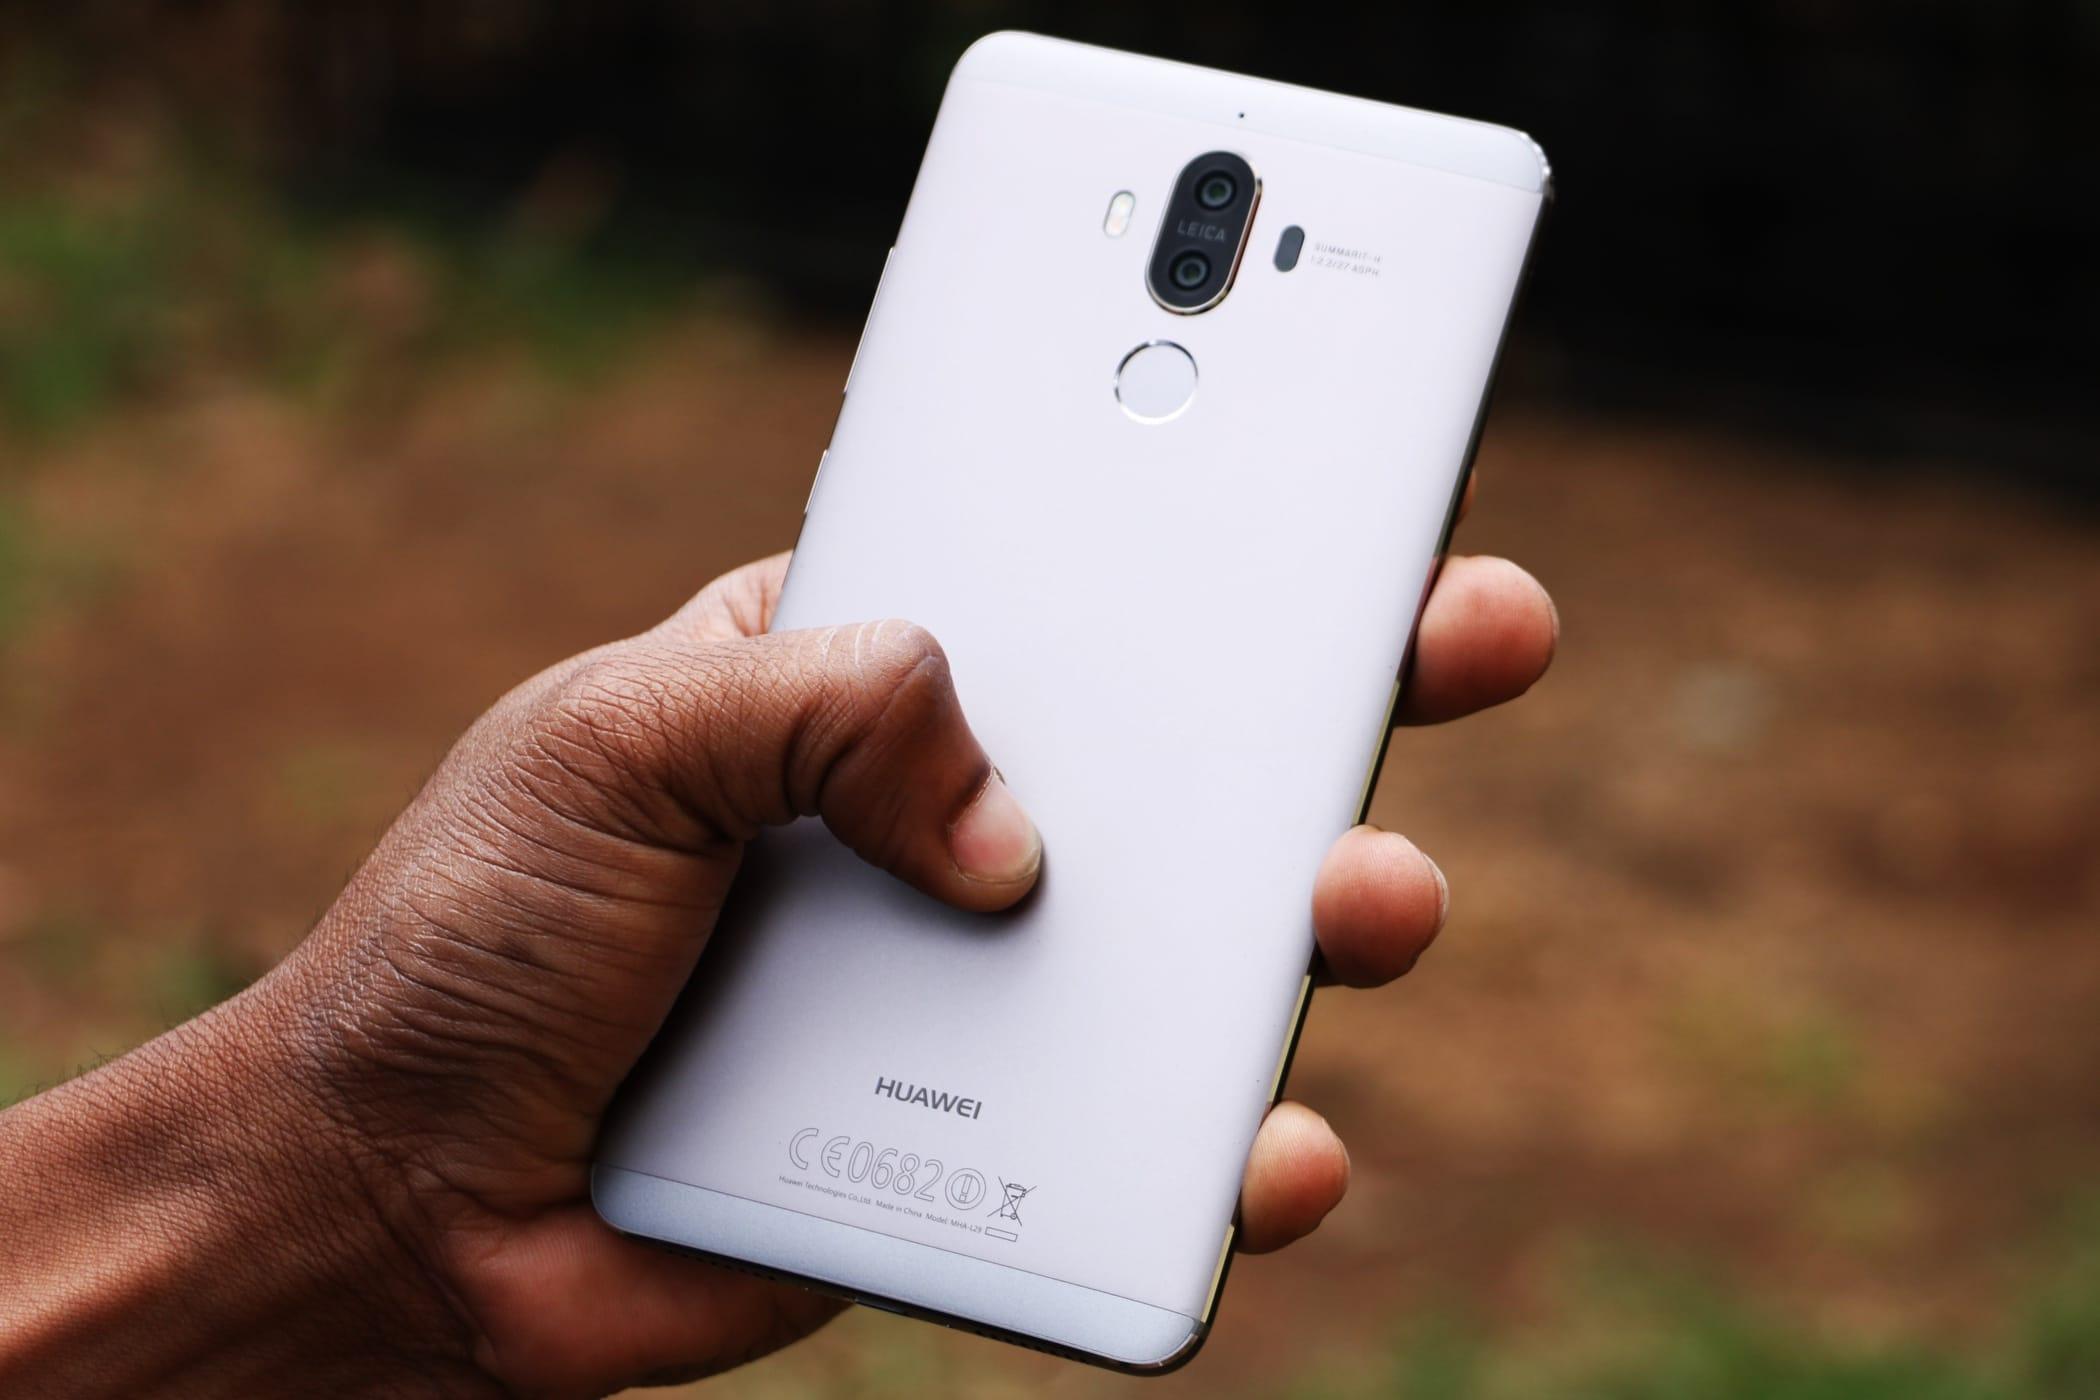 Появились новые рендеры Huawei Mate 10 Pro